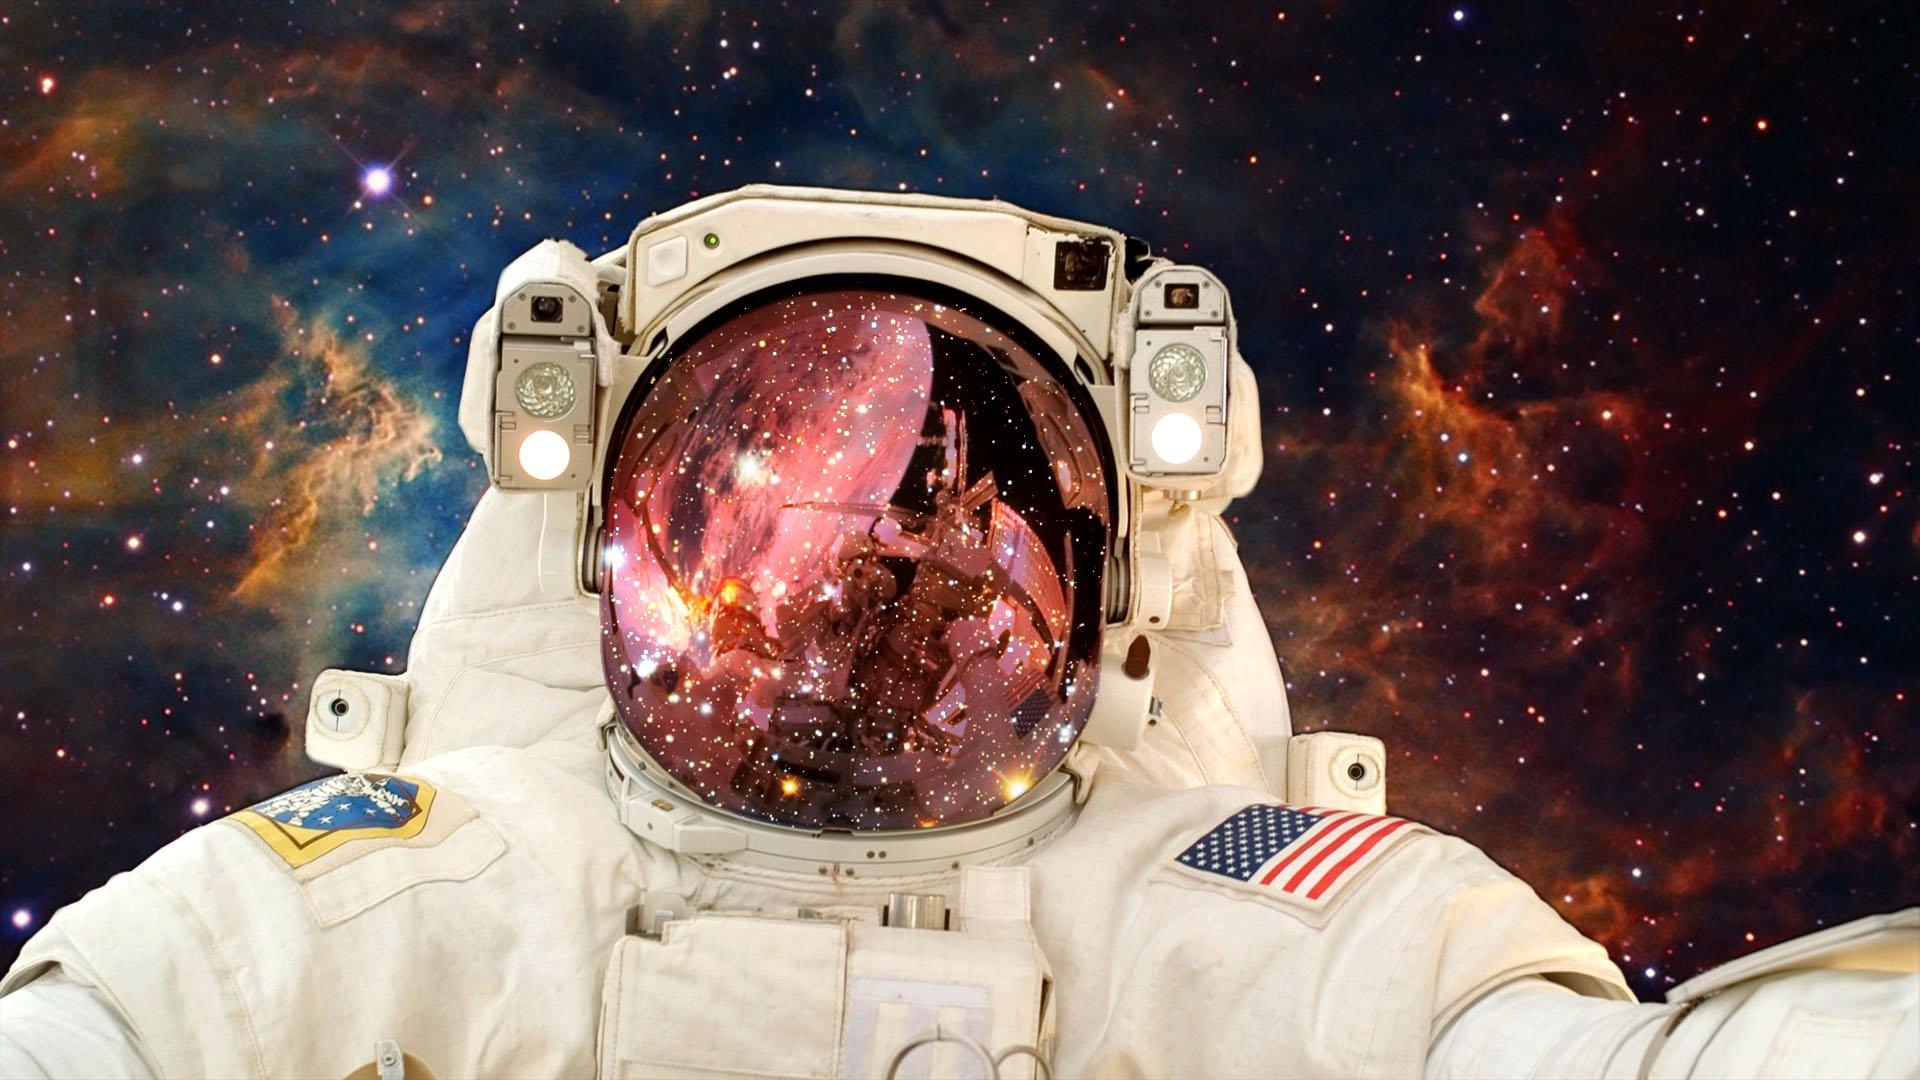 фото космонавта в космосе на рабочий стол того